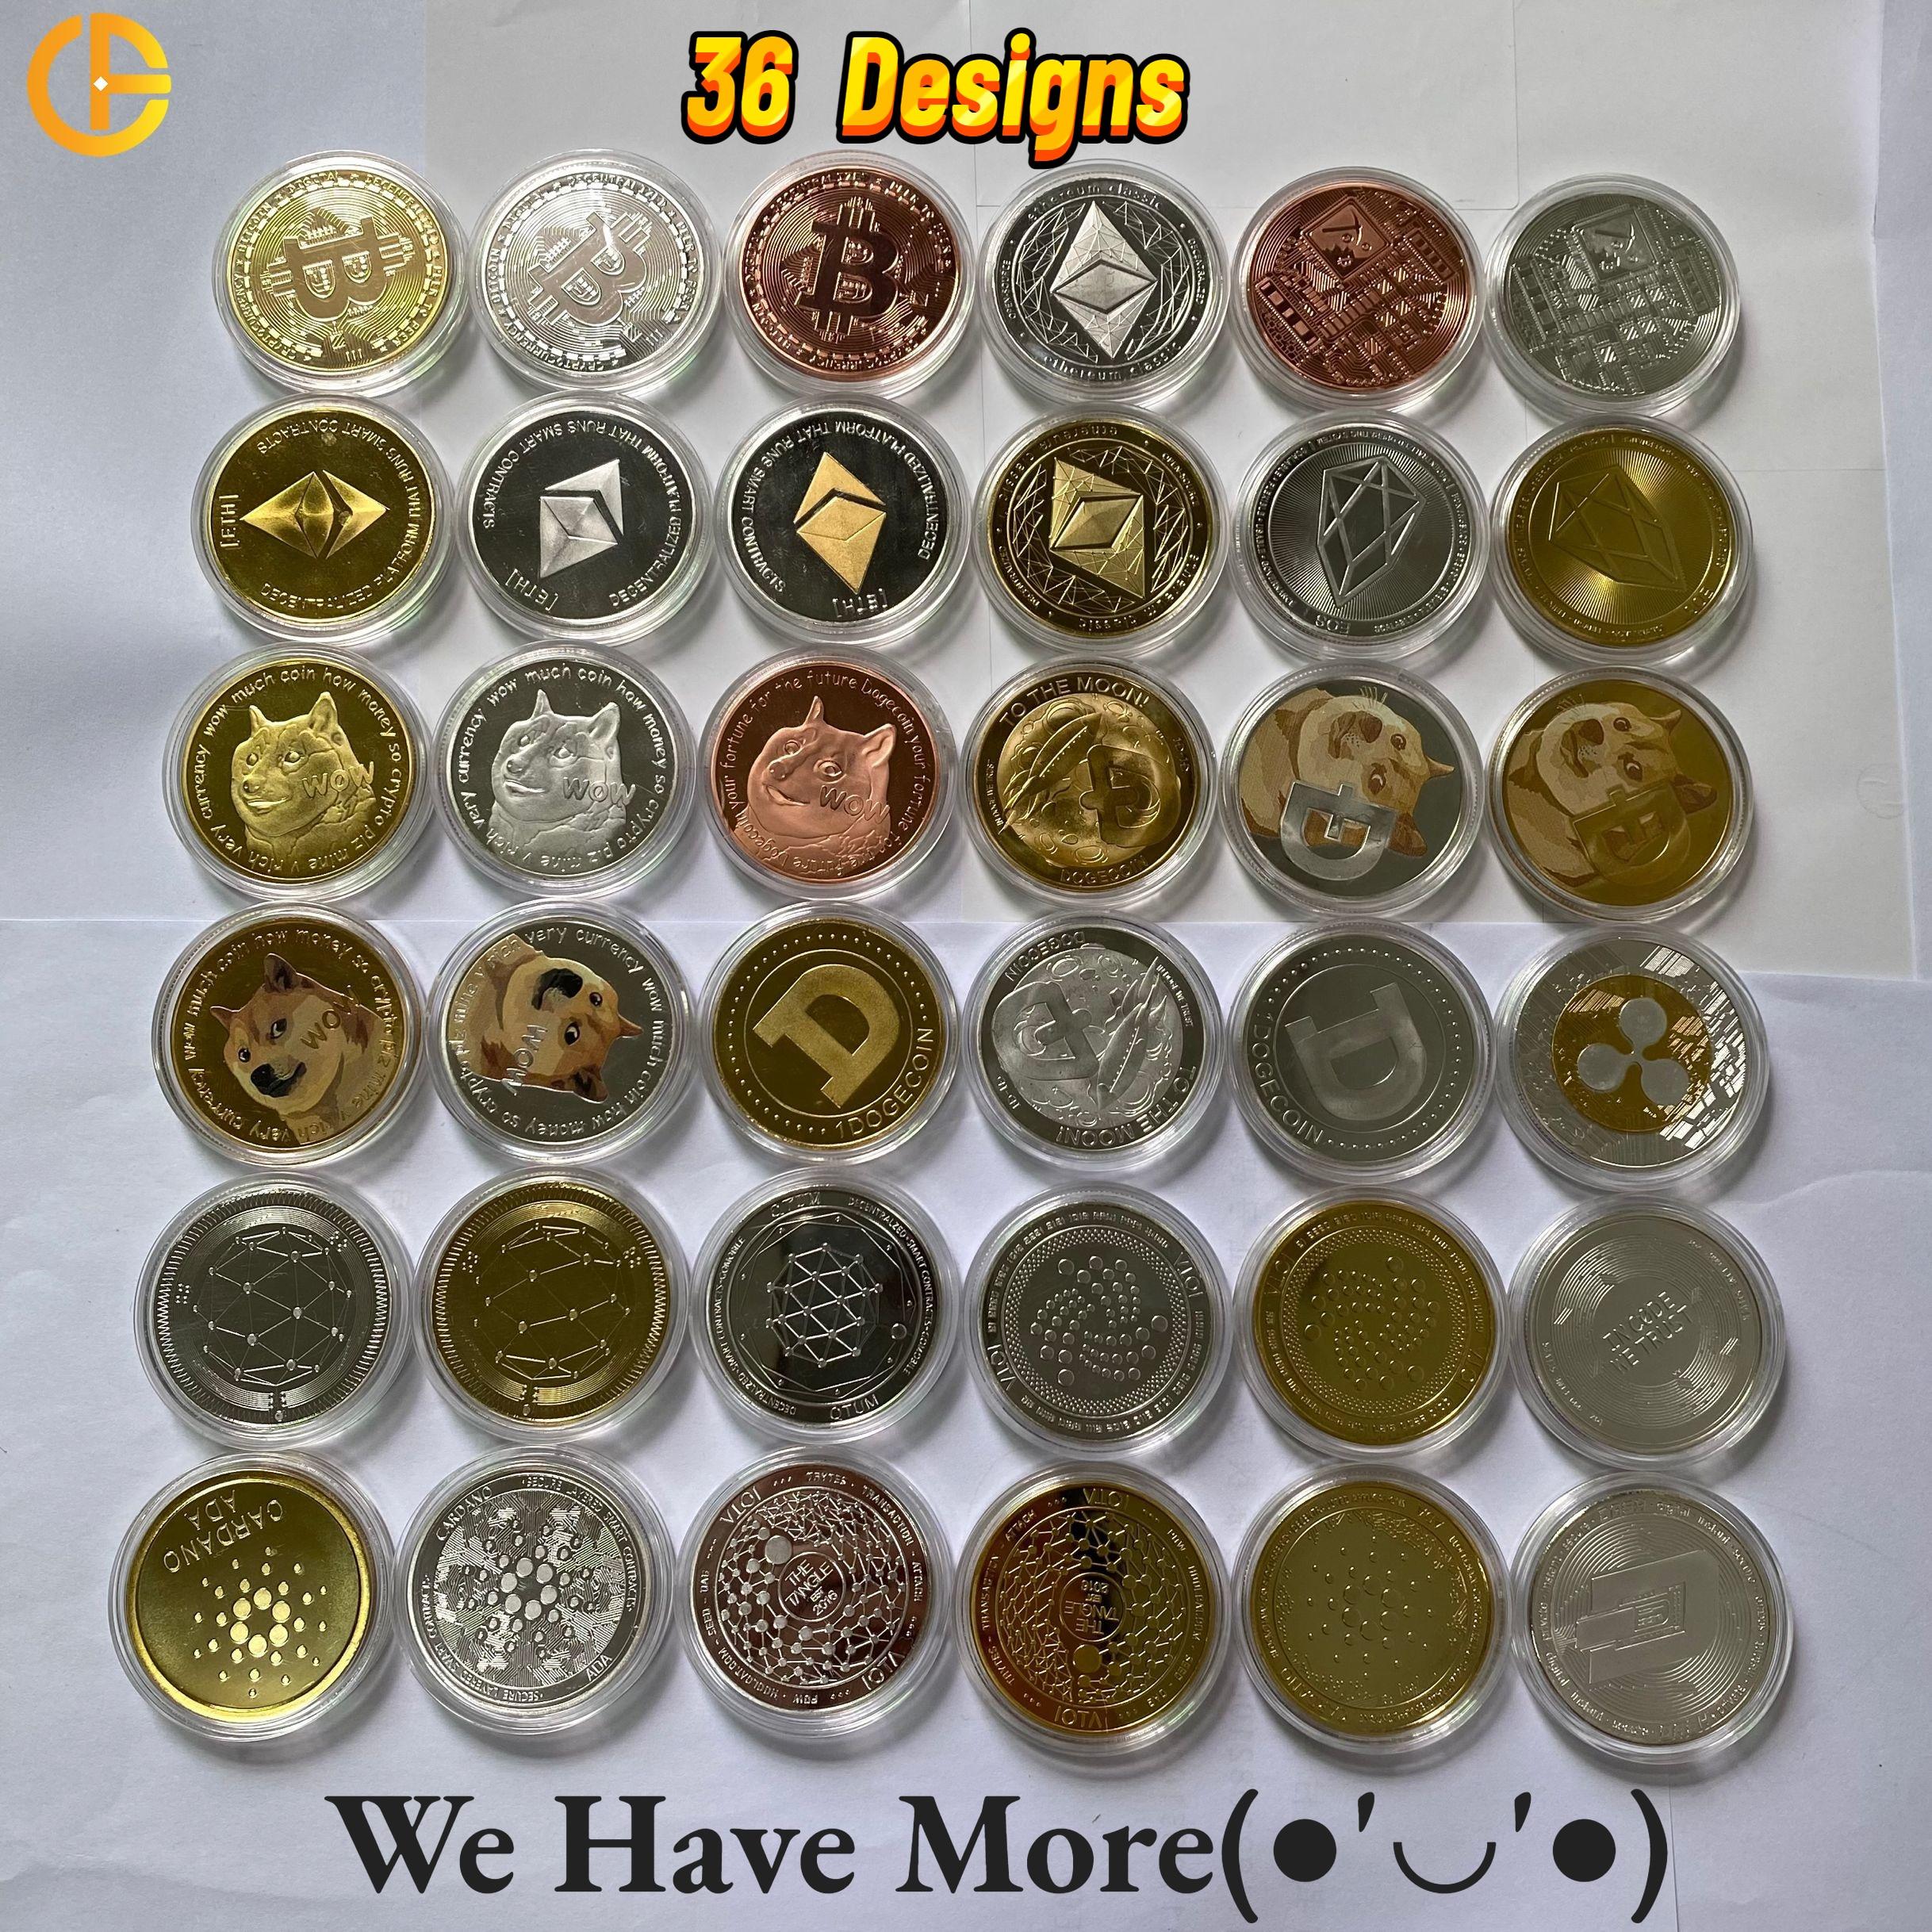 Биткоин/эфириум/литекоин/тире/пульсация/криппи/EOS монета металлическая физическая Серебряная/Золотая Ада Кардано памятная криптовалюта BTC